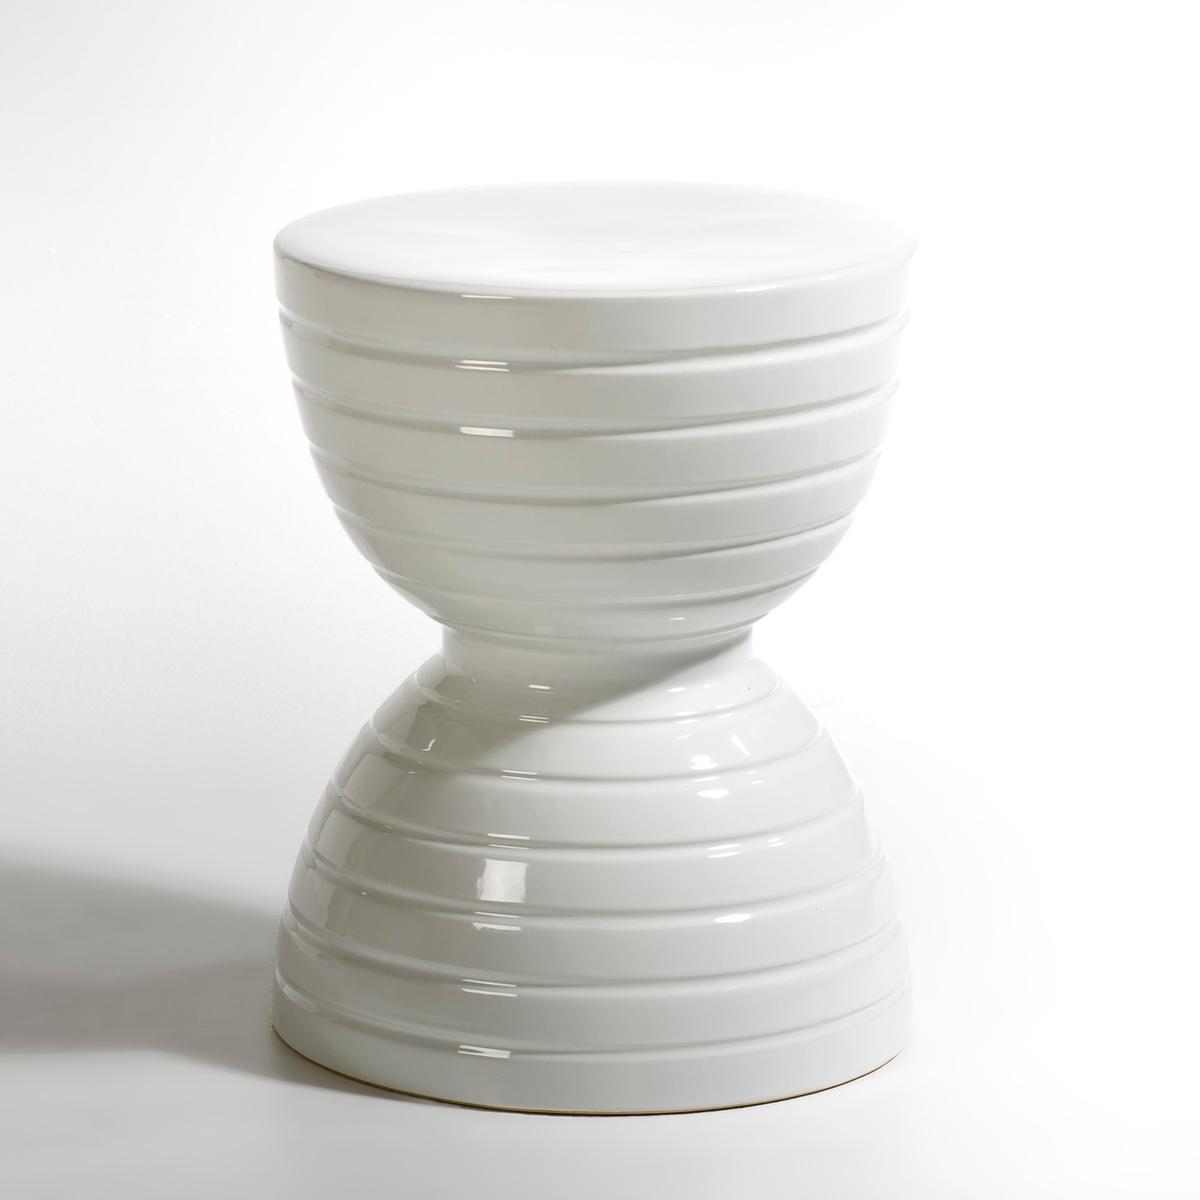 Столик керамический диванный, SpoolСтолик Spool . Оригинальна, забавная форма в виде спаренной столешницы, этот диванный столик может также служить вспомогательным или прикроватным столиком .Характеристики: : - Из керамики, покрытой эмалью Размеры : - ?35 x В44 см<br><br>Цвет: белый<br>Размер: единый размер